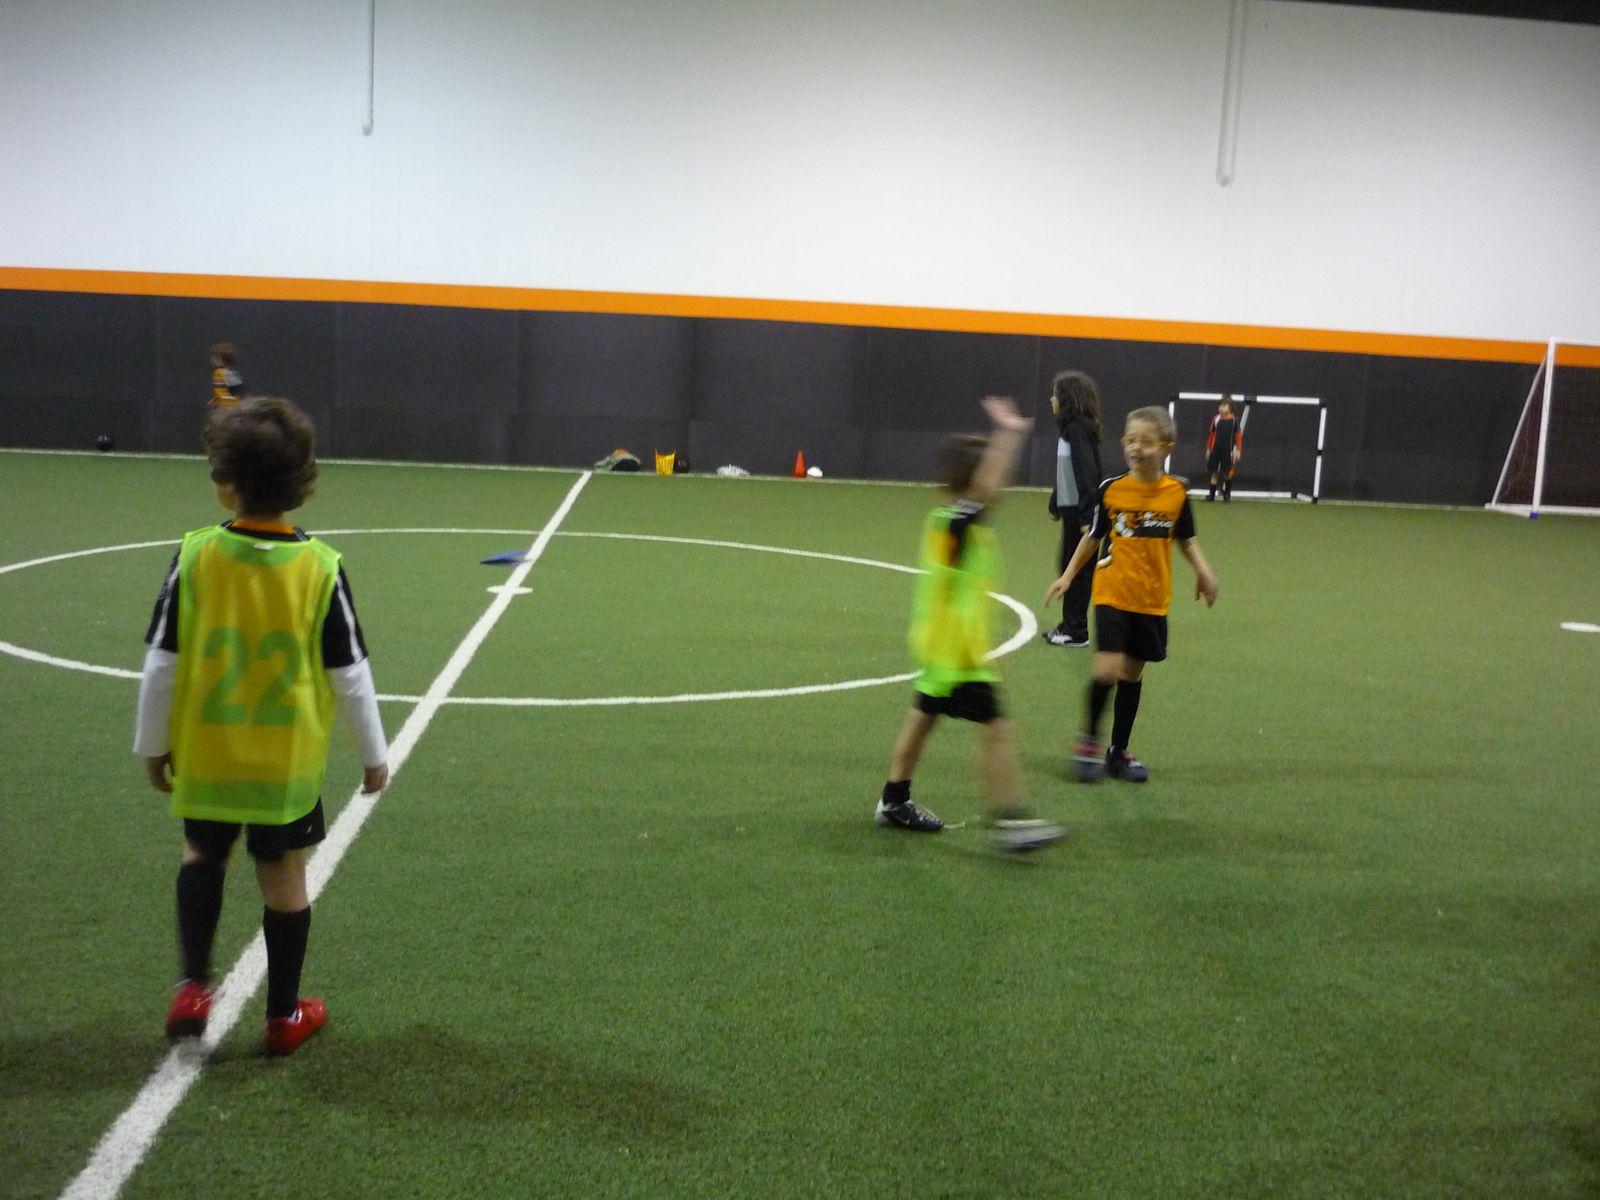 Jogo de3 futebol